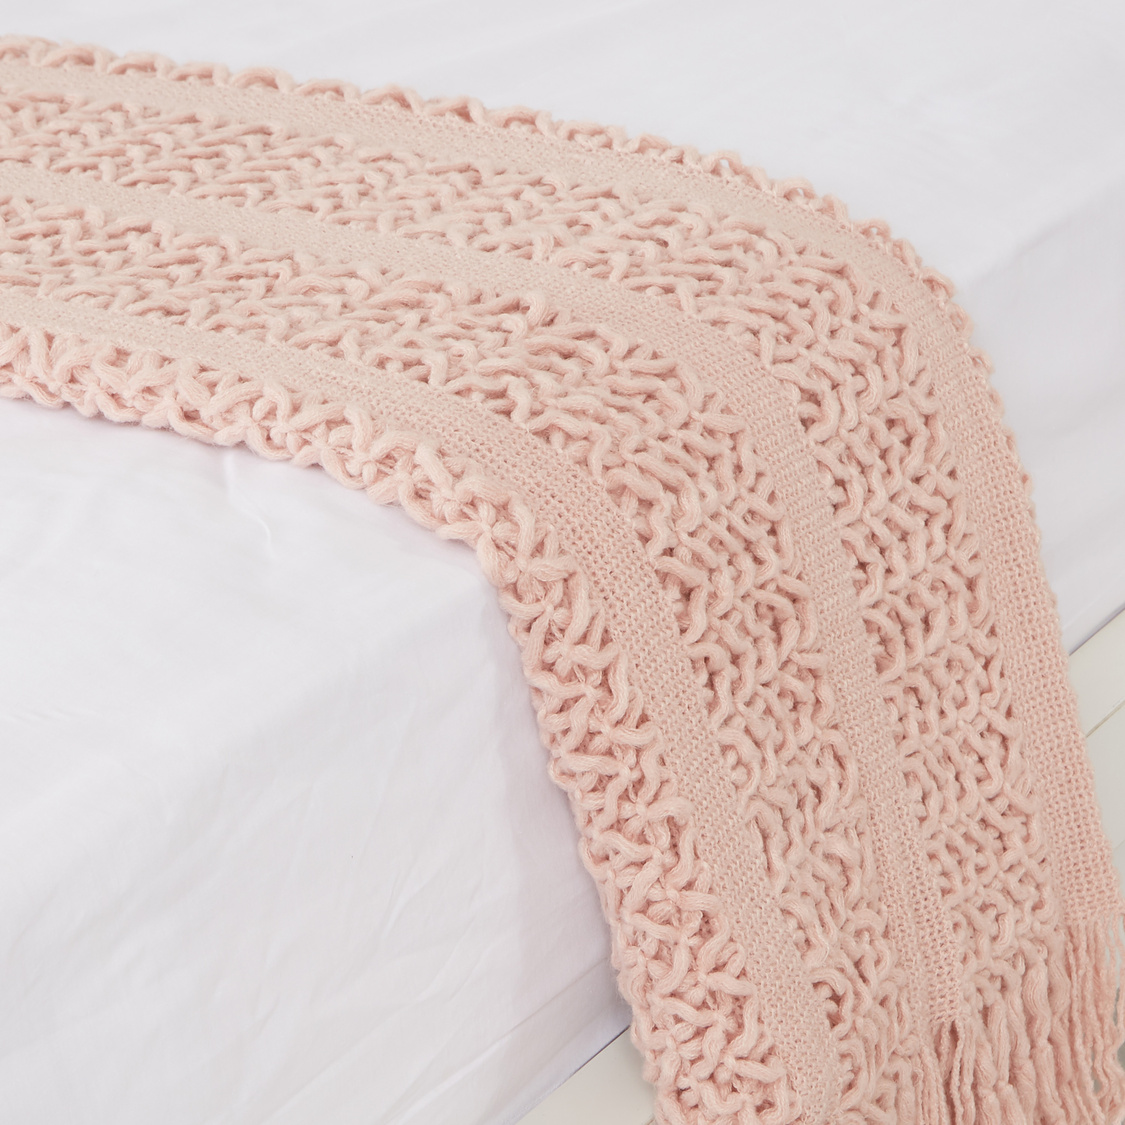 بطانية خفيفة بارزة الملمس بشراشيب - 152x127 سم